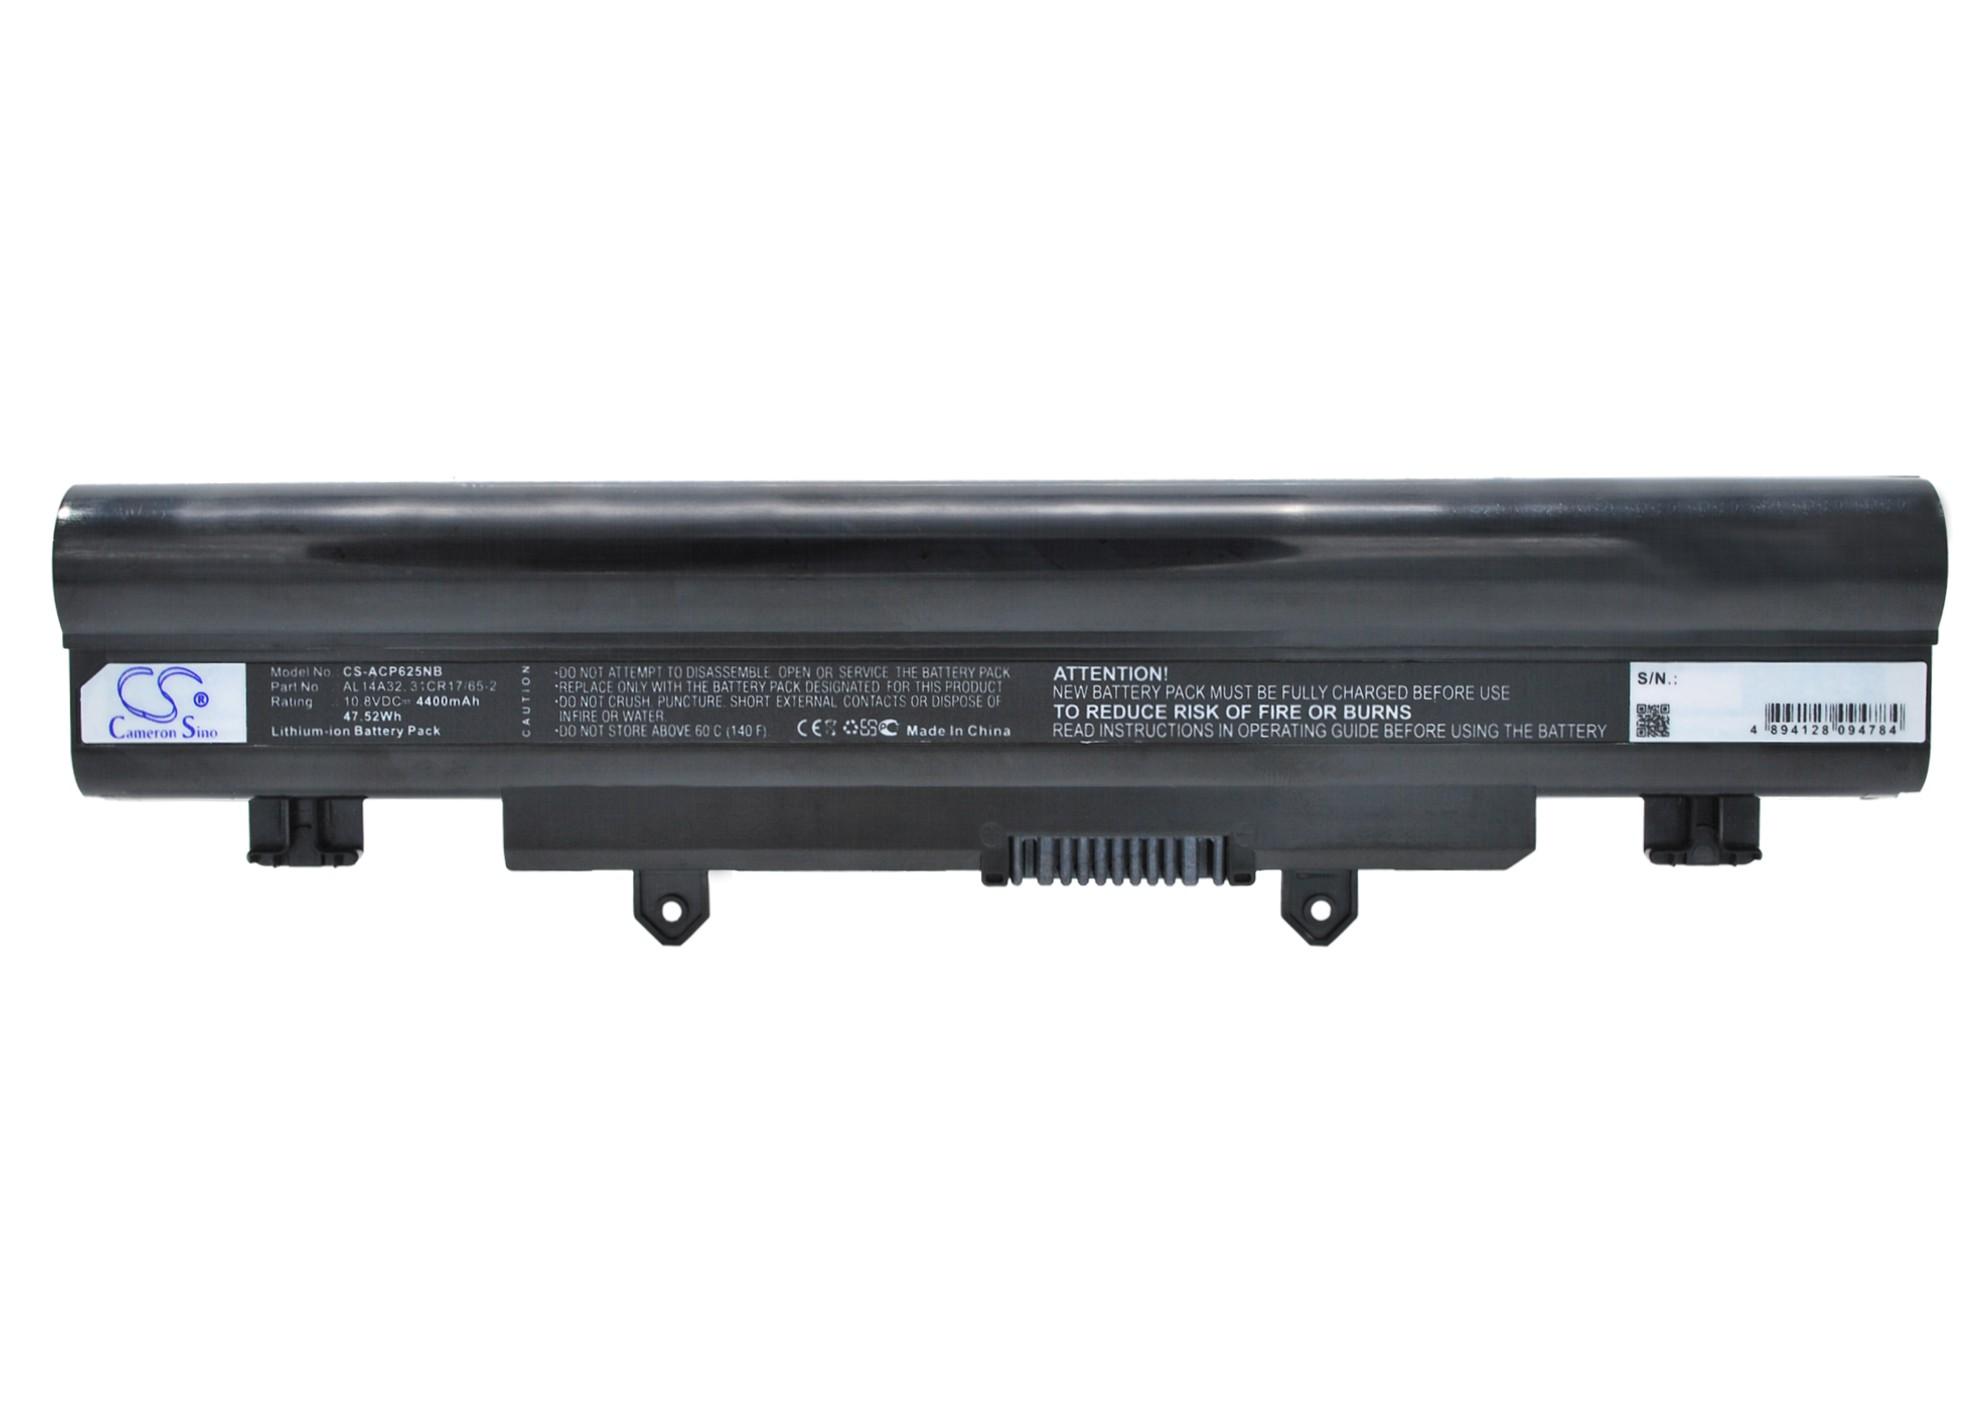 Cameron Sino baterie do notebooků pro ACER Aspire V5-572 10.8V Li-ion 4400mAh černá - neoriginální